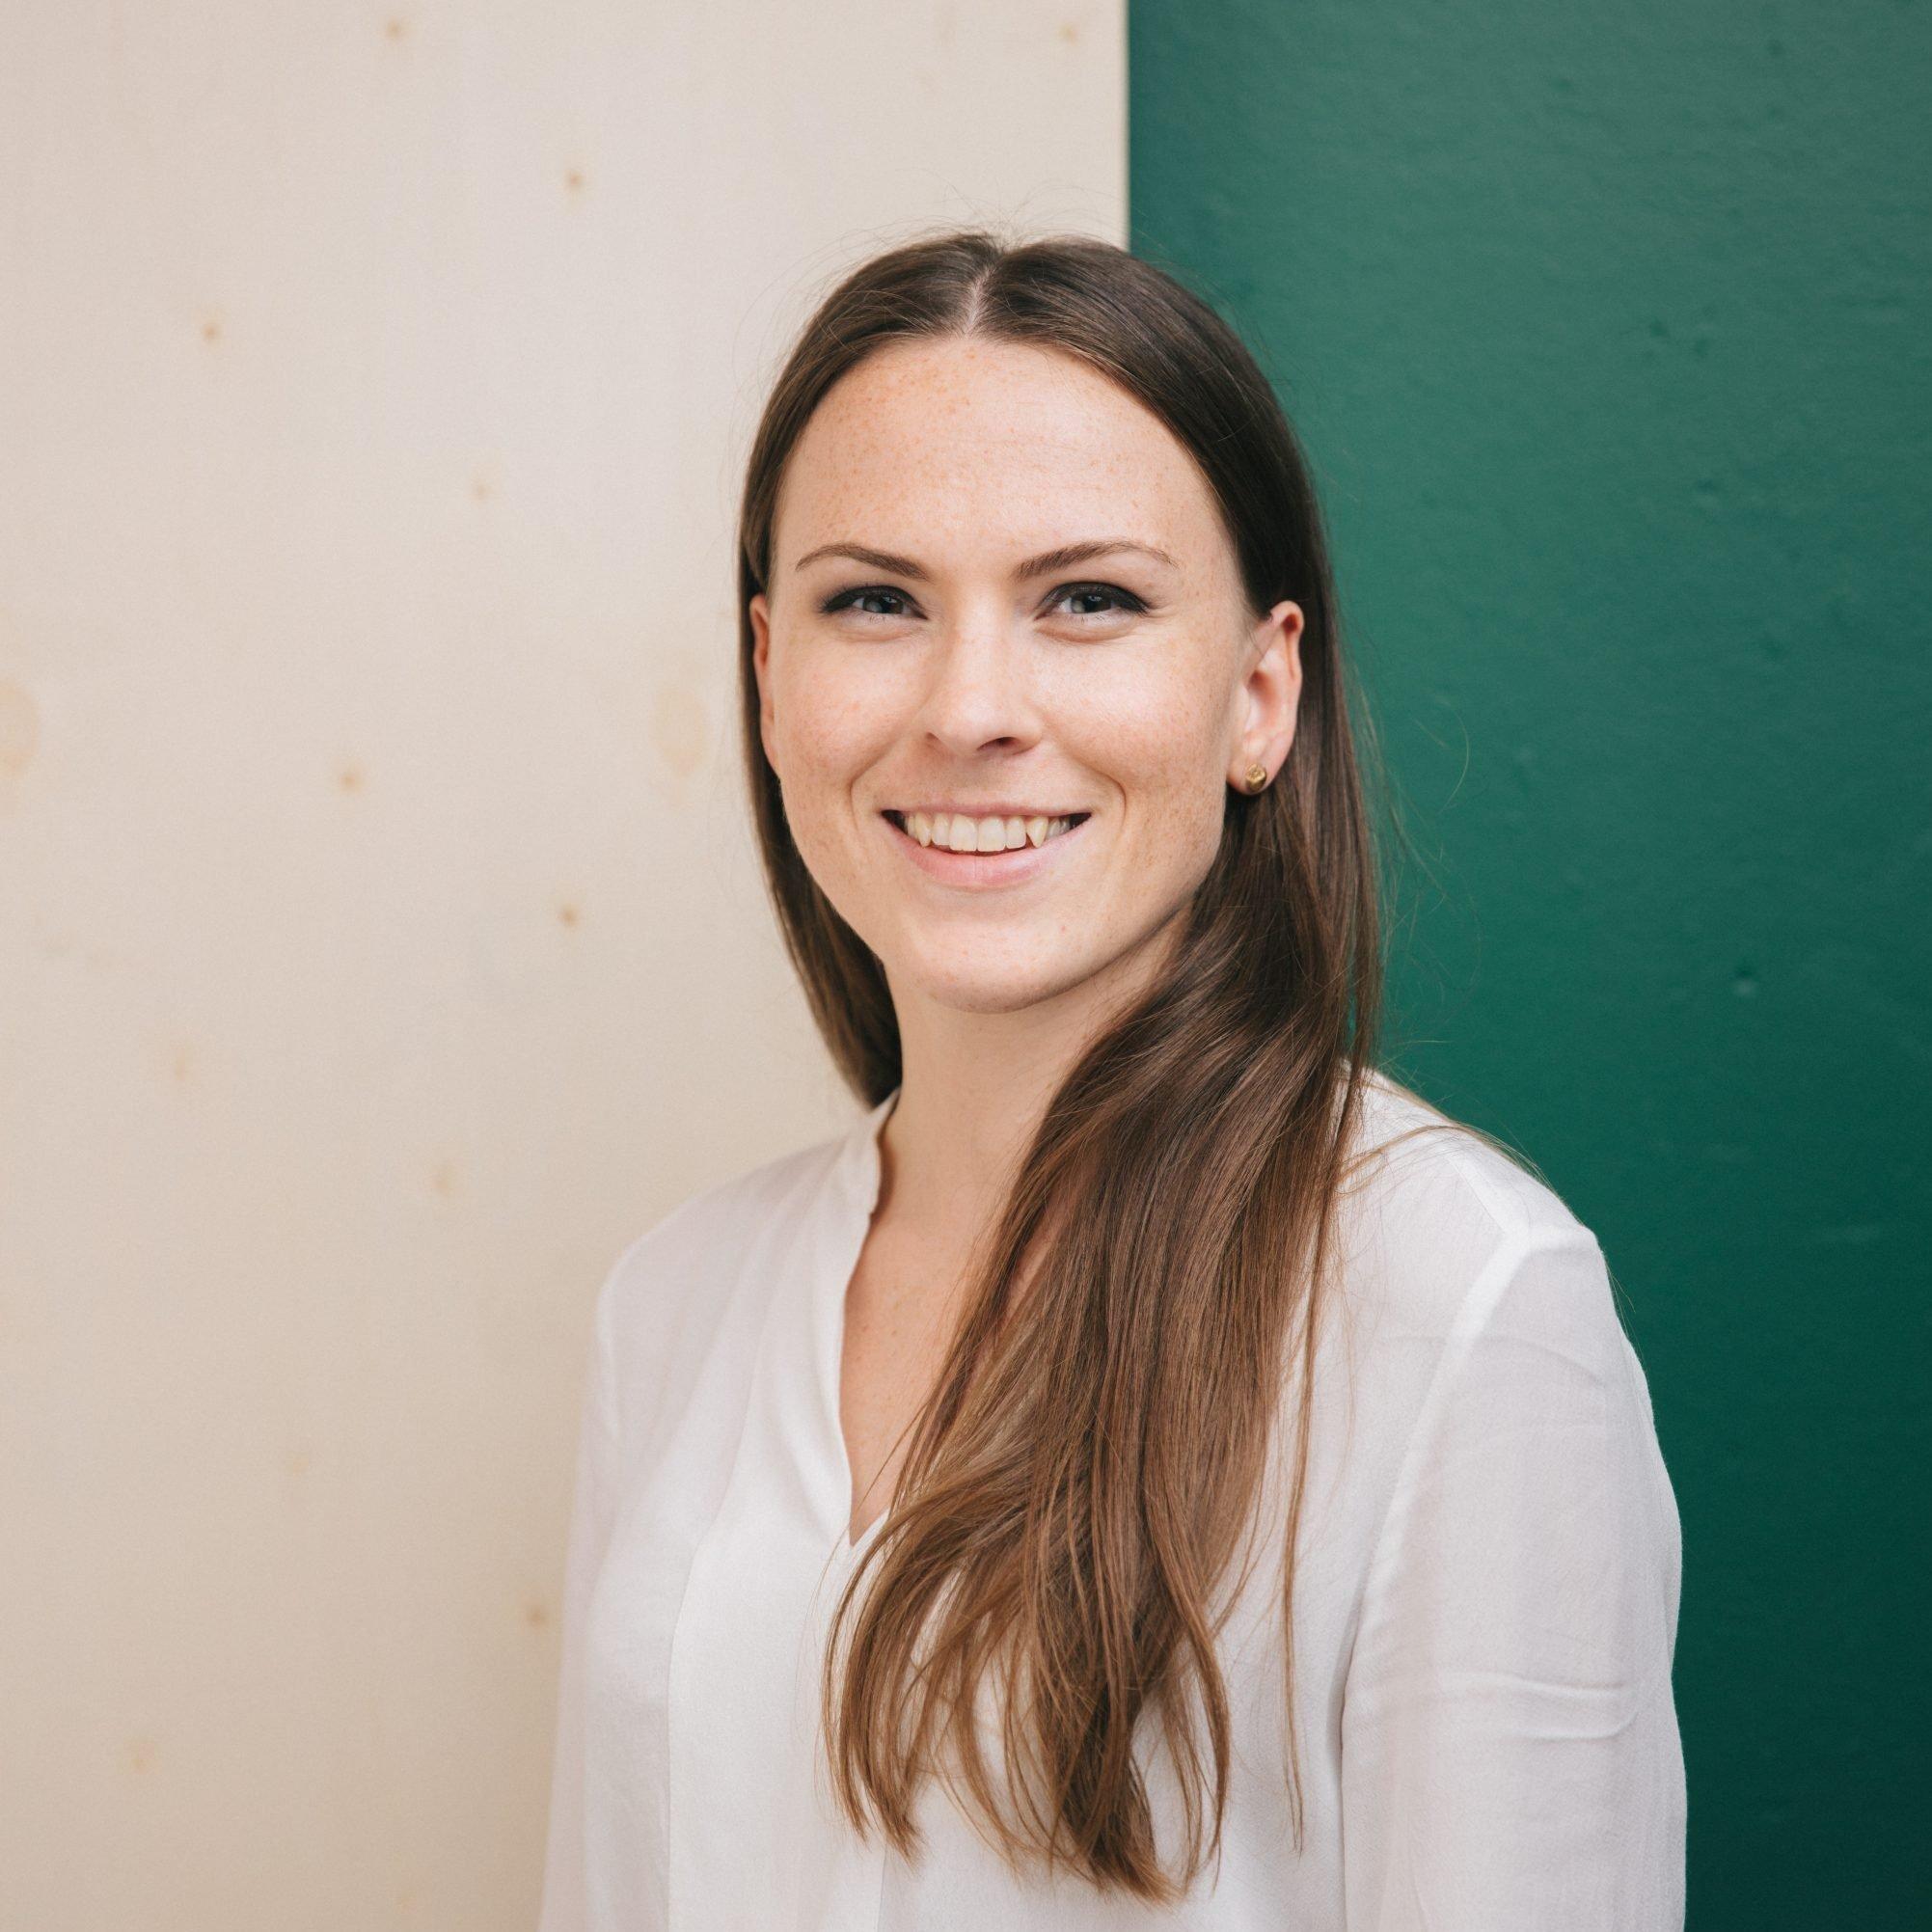 Miriam Højklint